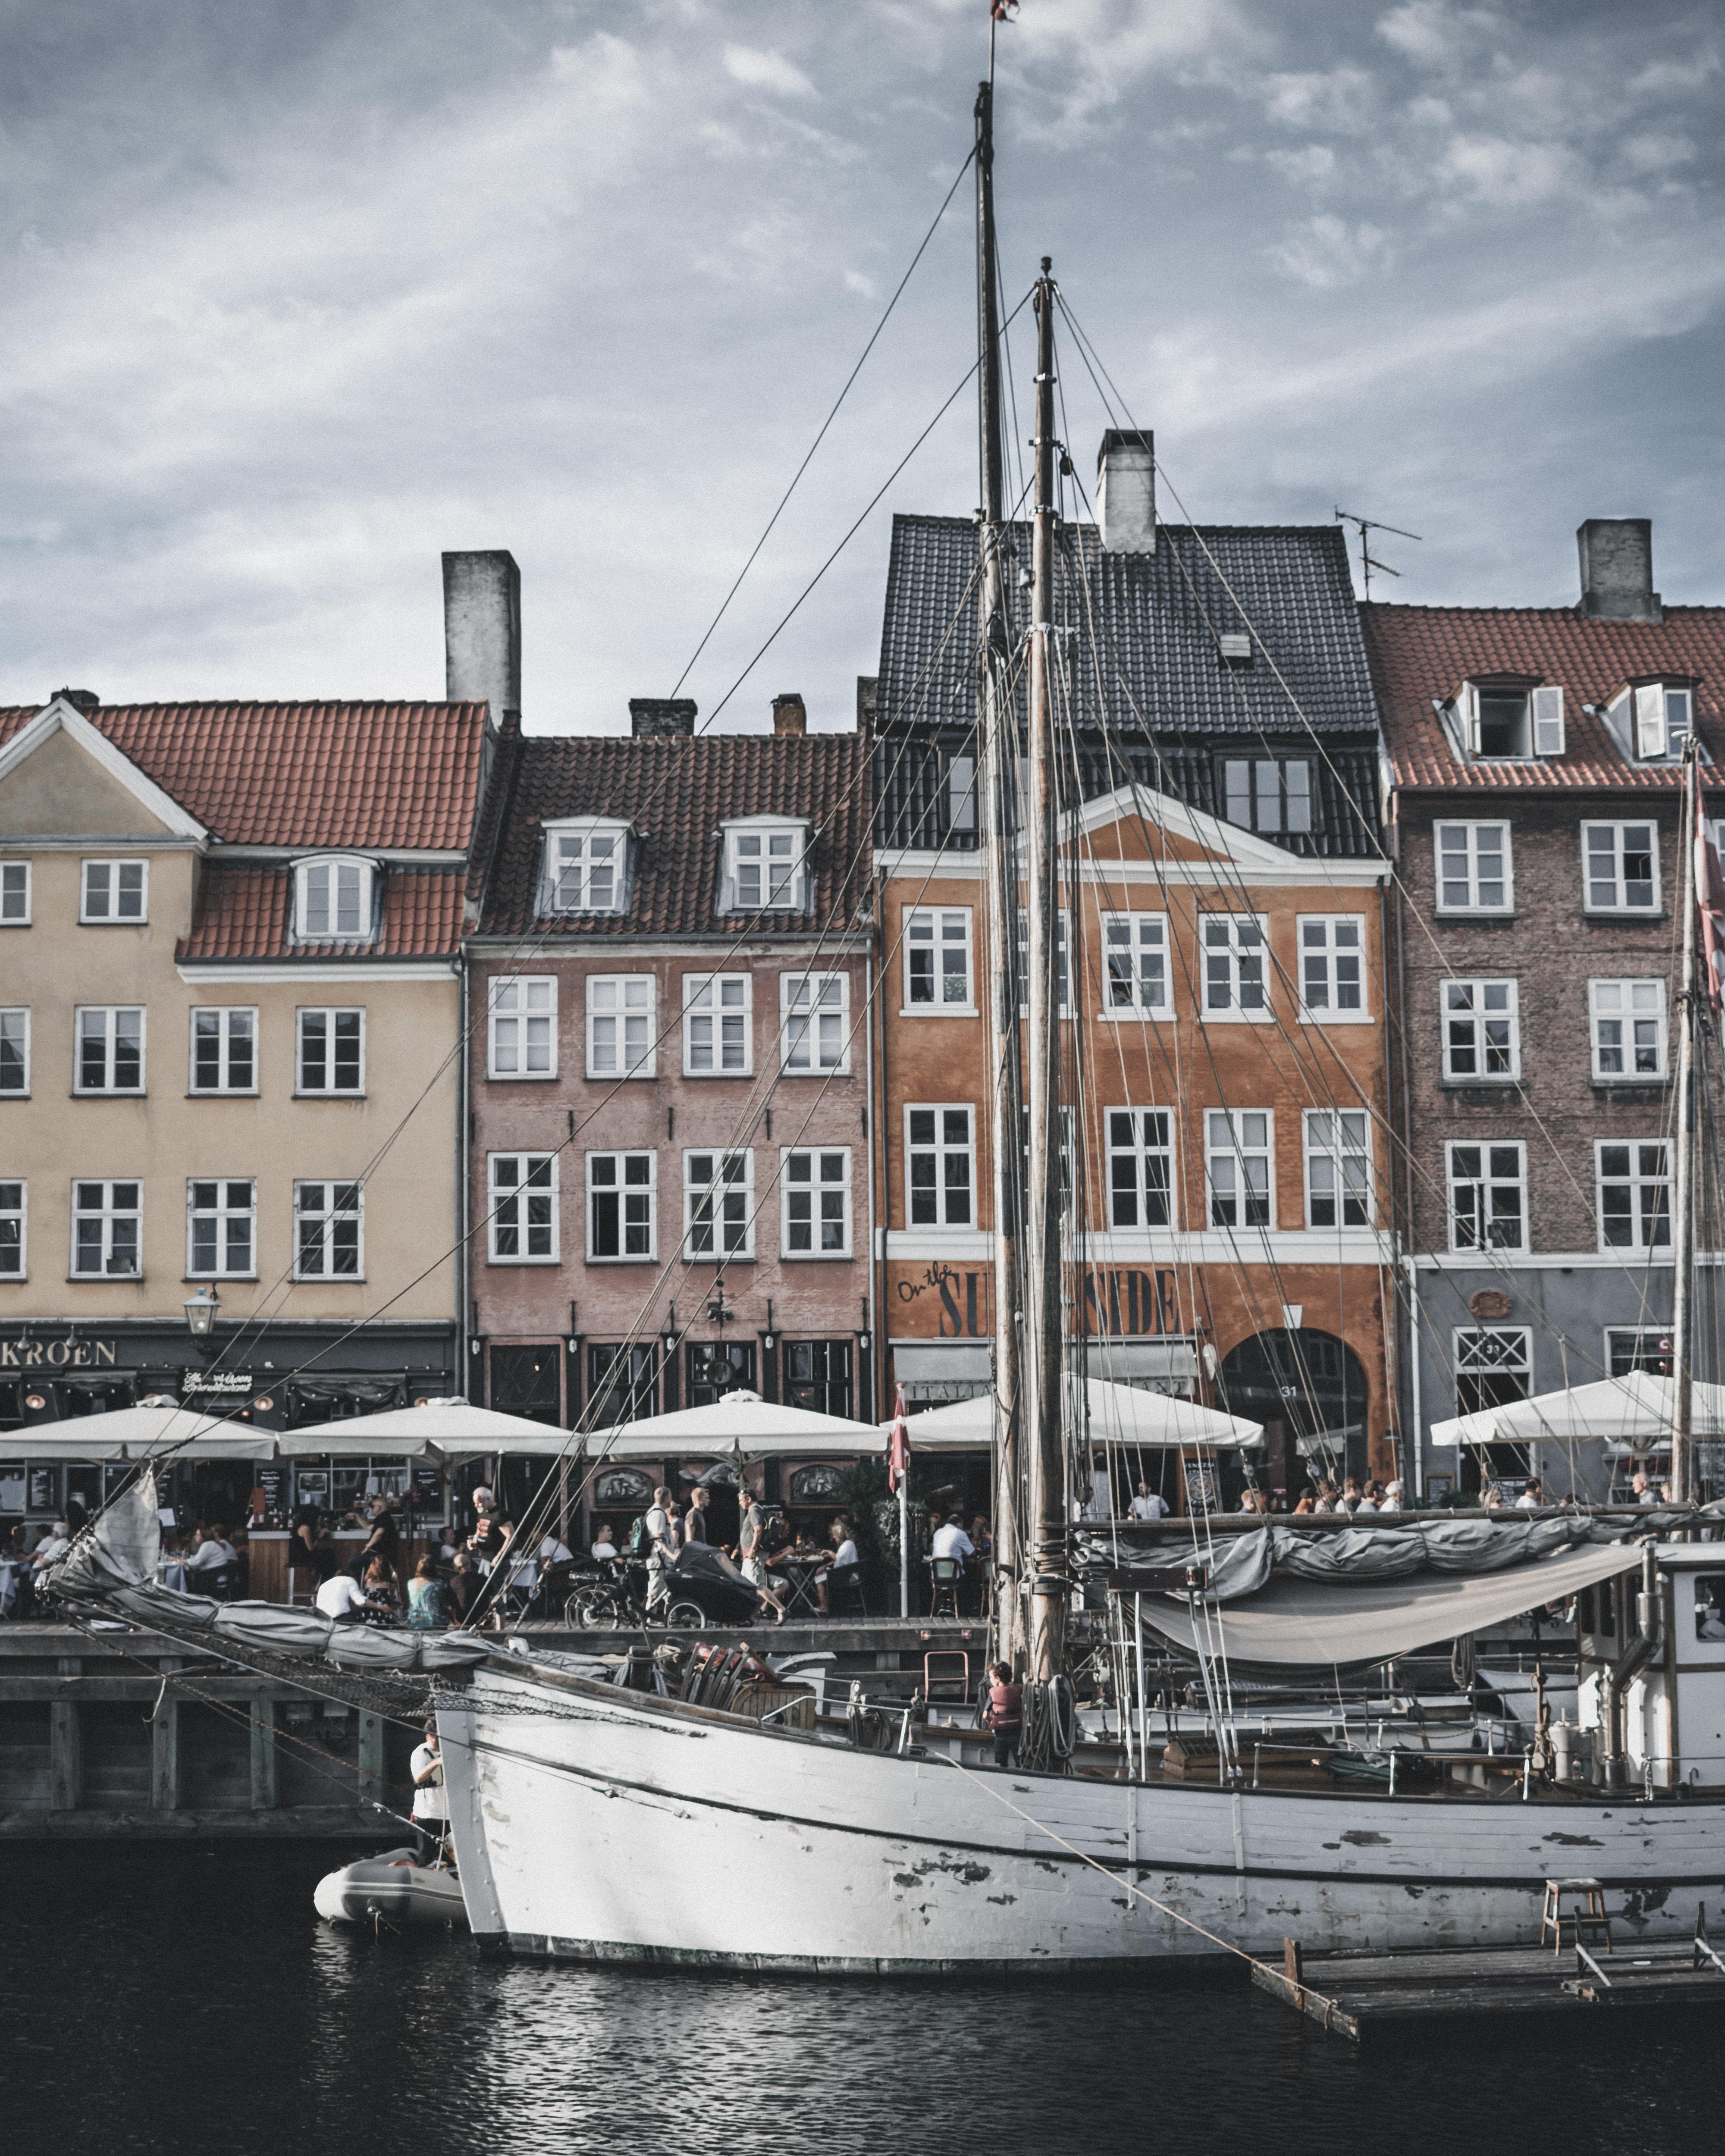 gray boat docked near houses